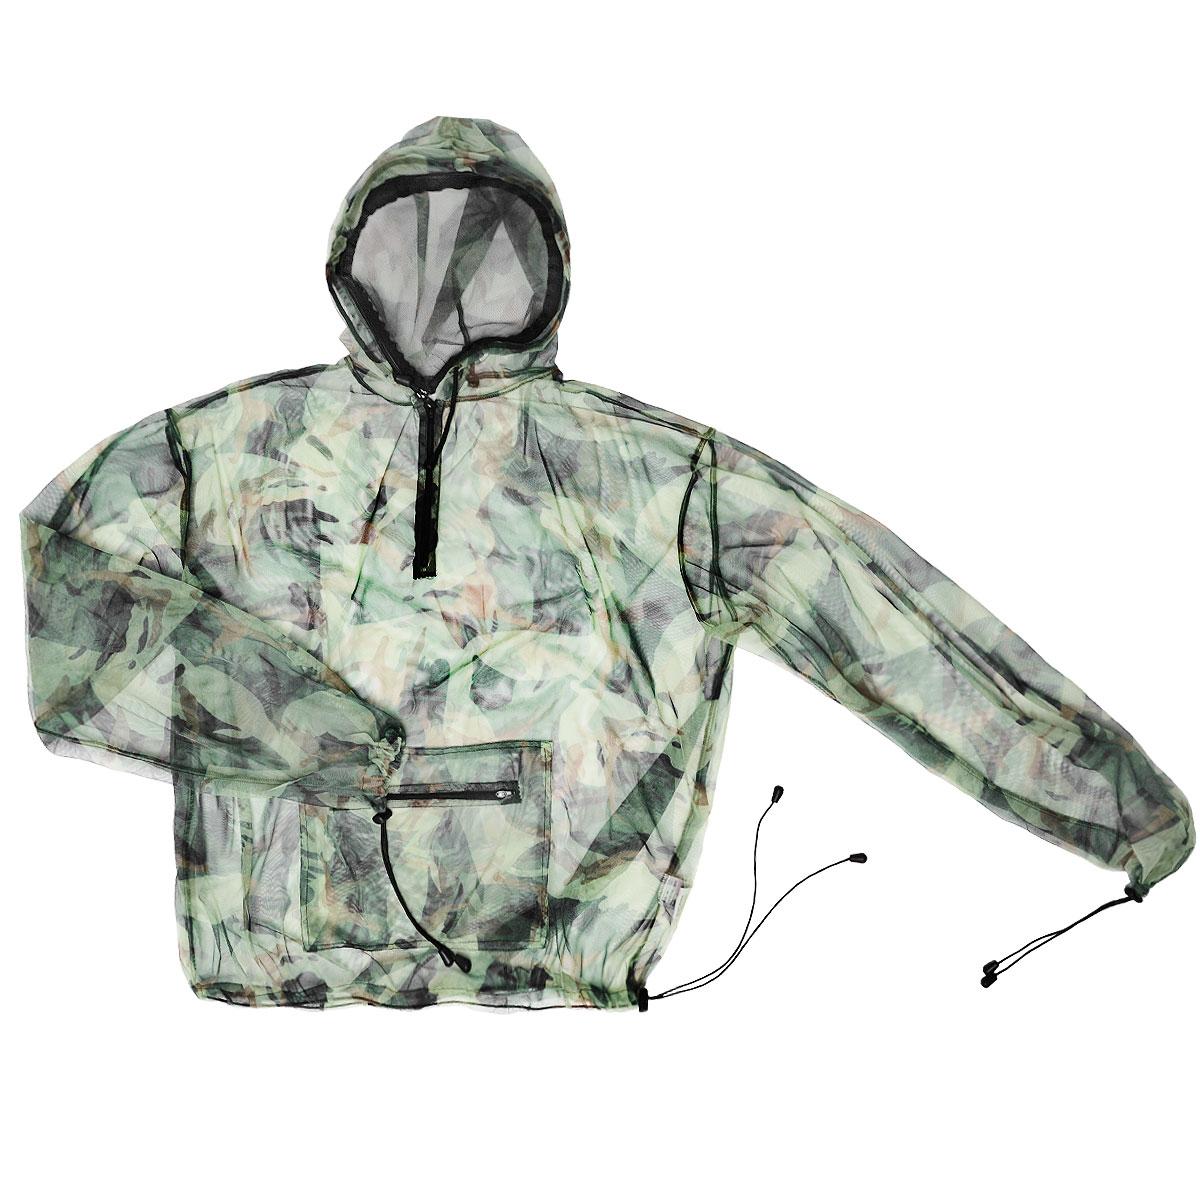 Куртка антимоскитная Norfin, цвет: милитари. 6020. Размер XXL (58/60)6020Антимоскитная куртка защитит тело и лицо от насекомых. Куртка с капюшоном и длинными рукавами, выполненная из легкой сетки, на груди застегивается на застежку-молнию. Манжеты на рукавах и низ изделия затягиваются при помощи эластичных резинок с фиксаторами. Спереди она дополнена вместительным карманом на застежке-молнии. Капюшон оснащен защитой лица, которую при необходимости можно снять.Особенности модели:Защита тела и лица от насекомых Передняя молния Возможность снятия защиты с лица Манжеты на рукавах Нижняя стяжка куртки с фиксатором.